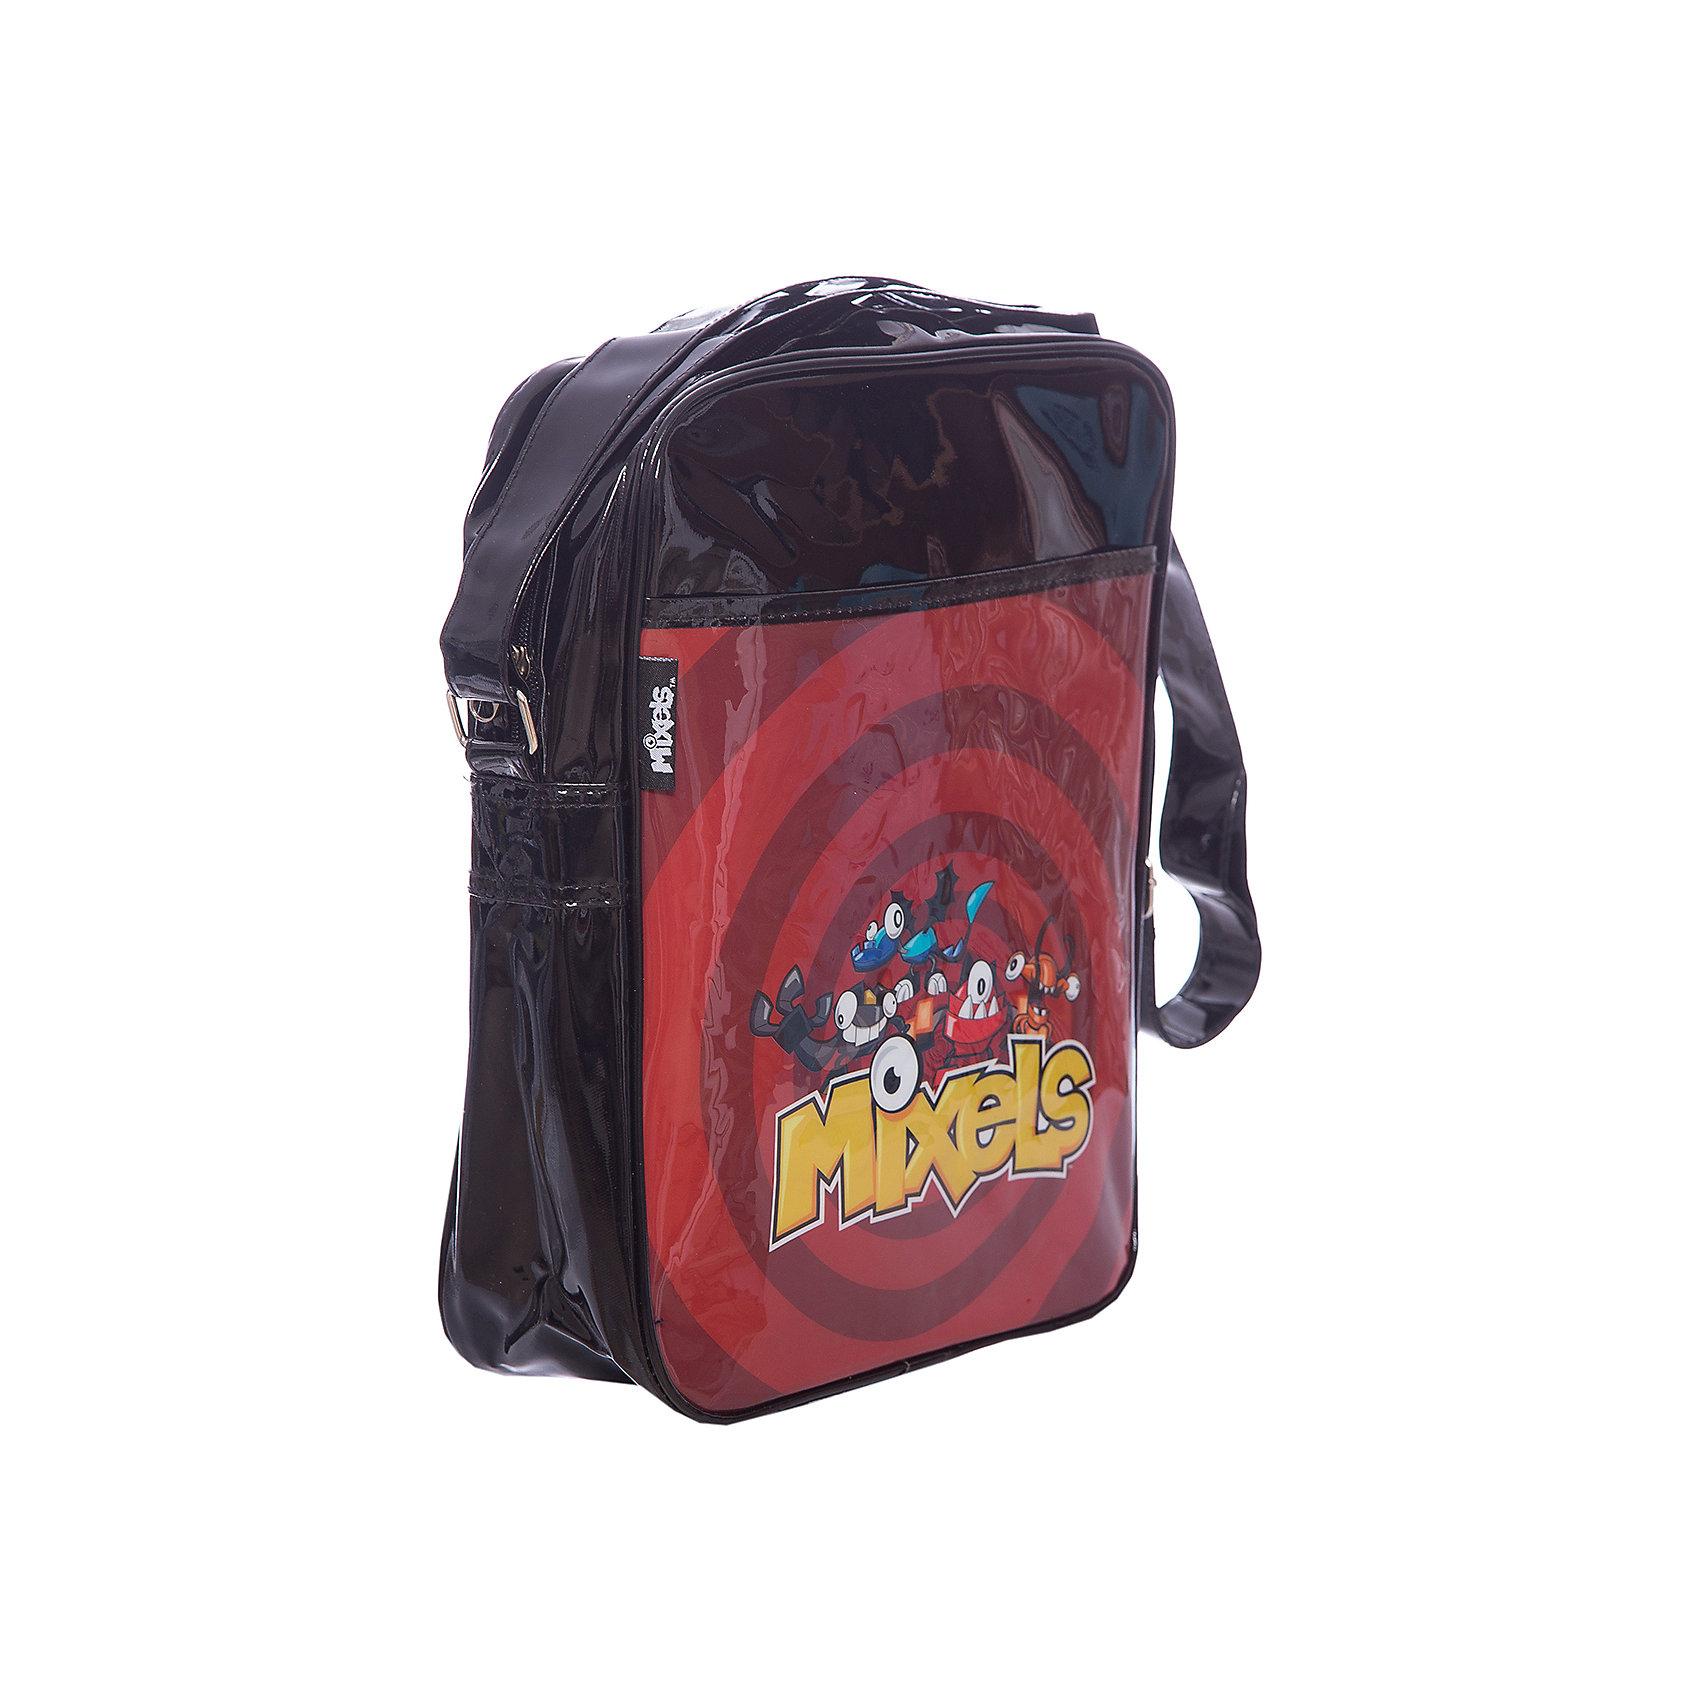 Сумка Lucky bag, Mixels, цвет красный с черным4995083 Сумка Lucky bag LEGO Mixels отд.на молнии, передн.карман, регулируемый плечевой ремень   черный с красным 32*26*8,5 см<br><br>Ширина мм: 350<br>Глубина мм: 400<br>Высота мм: 310<br>Вес г: 320<br>Возраст от месяцев: 48<br>Возраст до месяцев: 96<br>Пол: Мужской<br>Возраст: Детский<br>SKU: 5475521